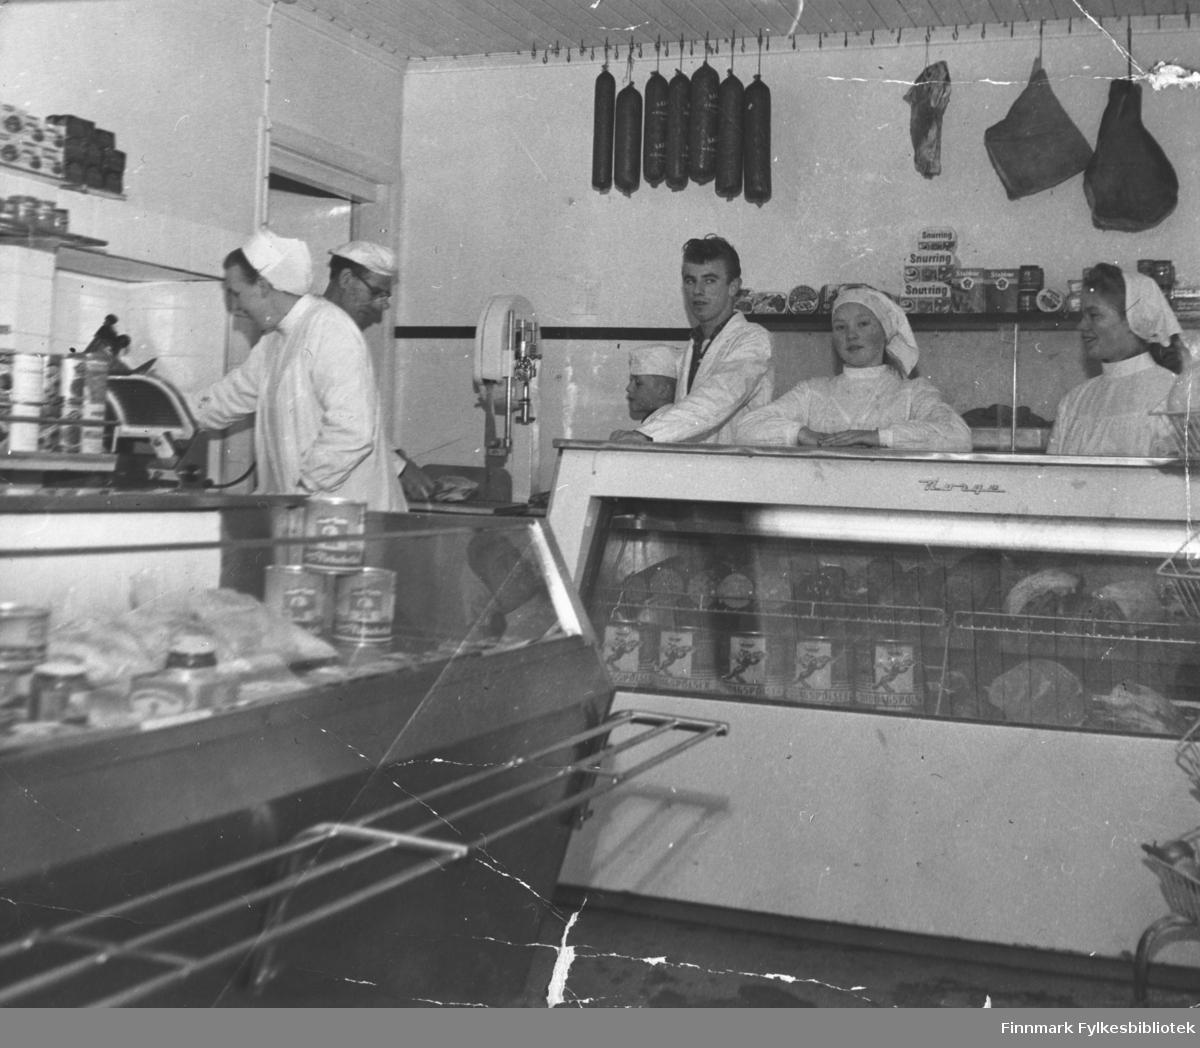 Fiskematforretning i Kjøllefjord, ca. 1962. Mannen med briller er innehaveren Edward Lund. Edwards kone Emmy står til venstre på bildet ved siden av Edward. De fire andre er fra venstre: Nils-Johan Lund, Even Herman Lund, Liv Lyngedal og Sigrunn Pedersen.